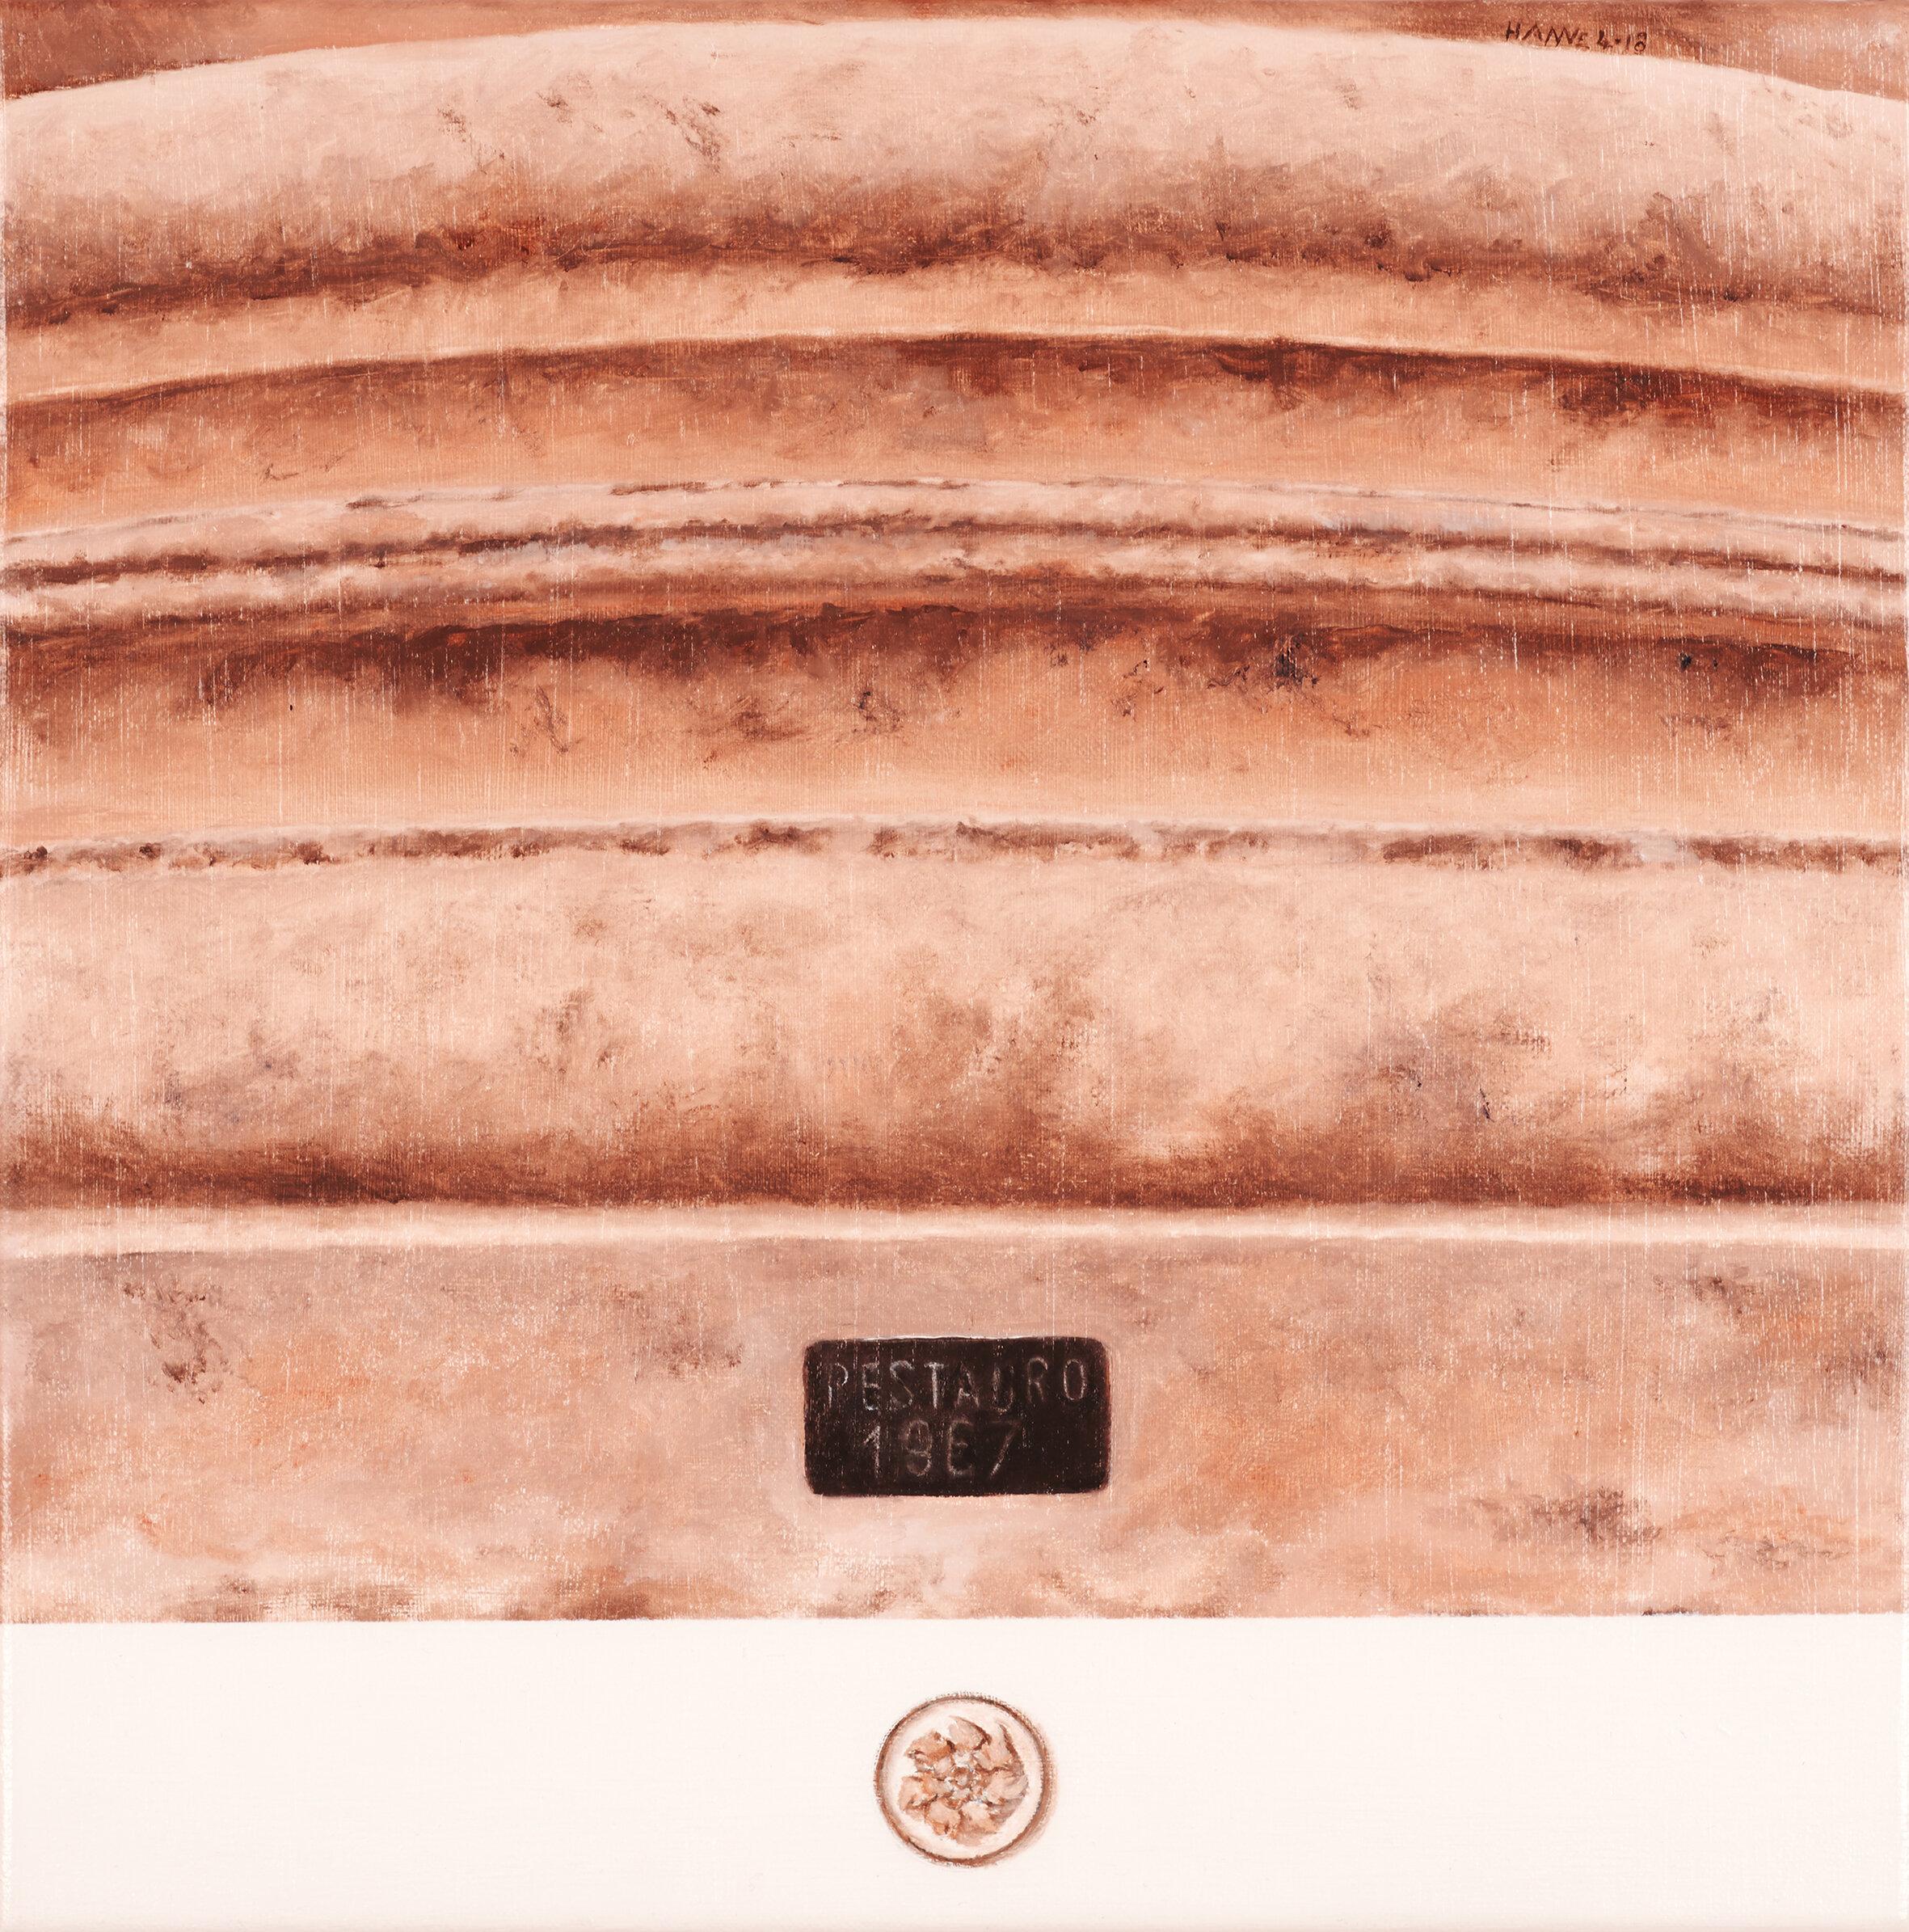 Frammento di colonna romana, Ostia antica  2018   Olio su lino, 30 x 30 cm € 505